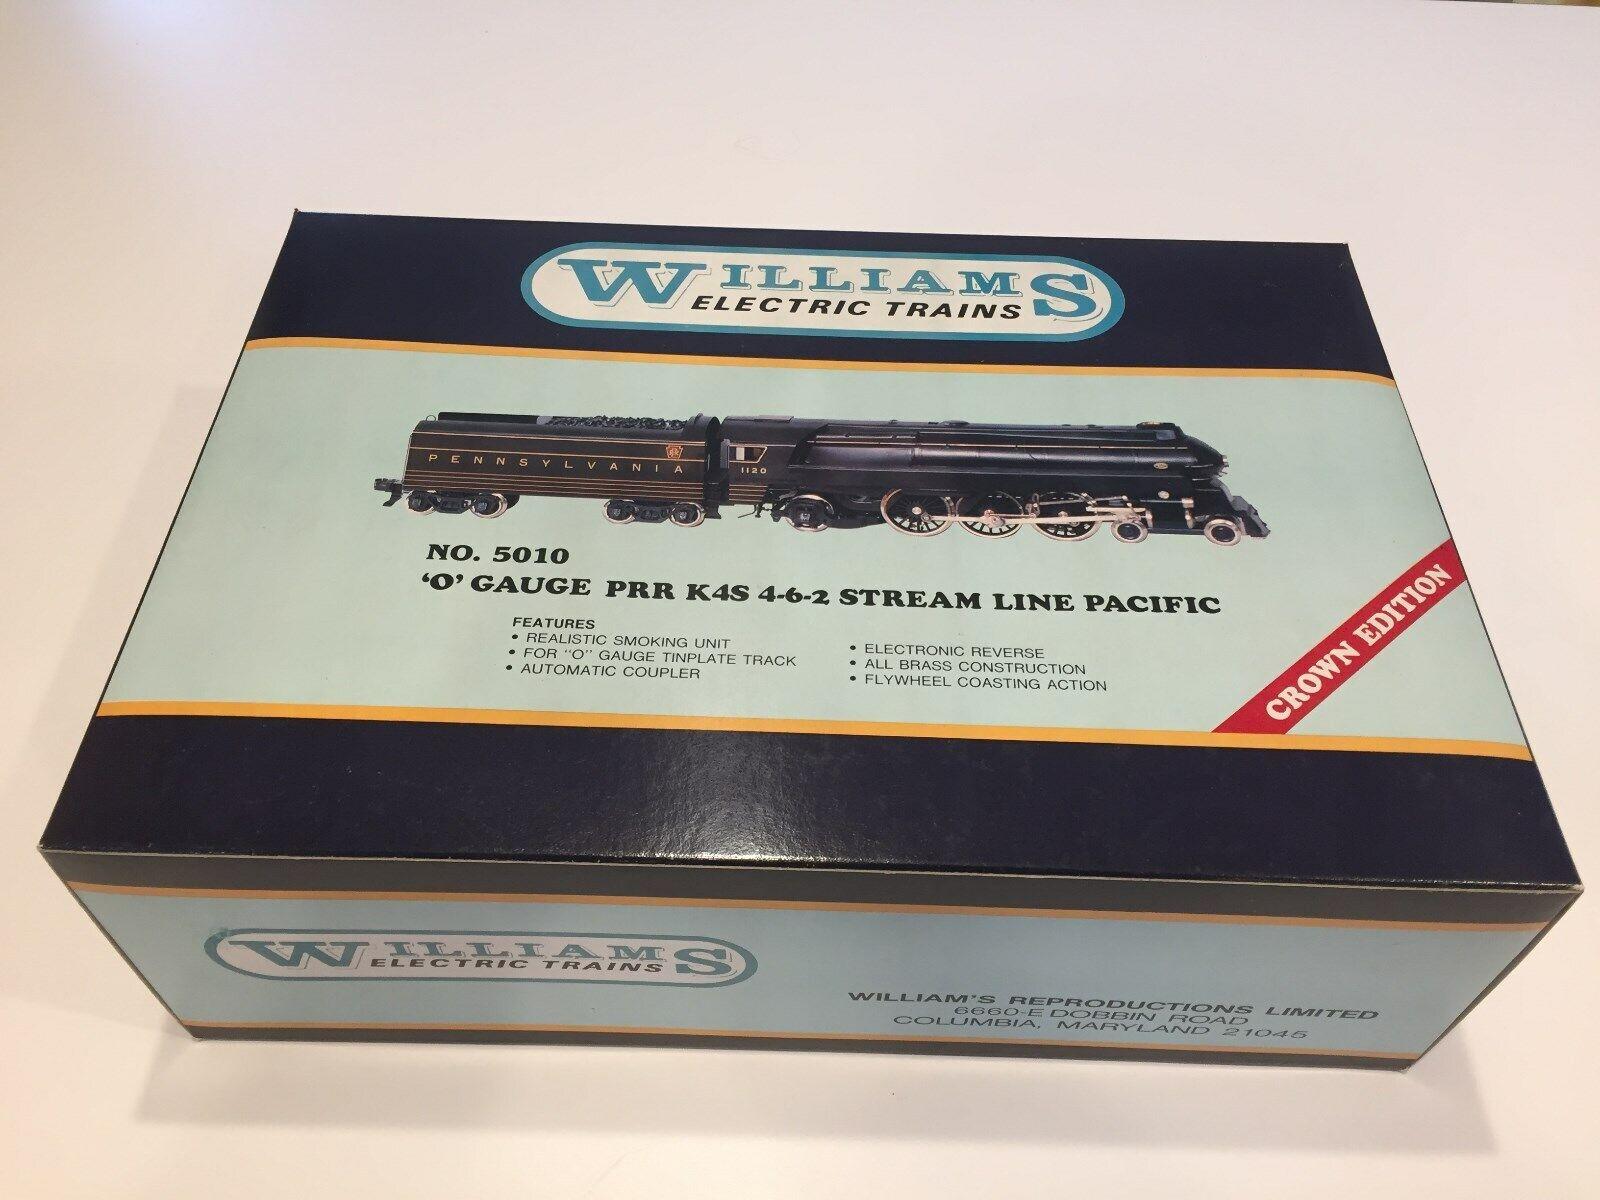 Williams No.5010 PRR K4S 4-6-2 Stream Line Pacific Locomotive Locomotive Locomotive & Tender - NIB 3841f2